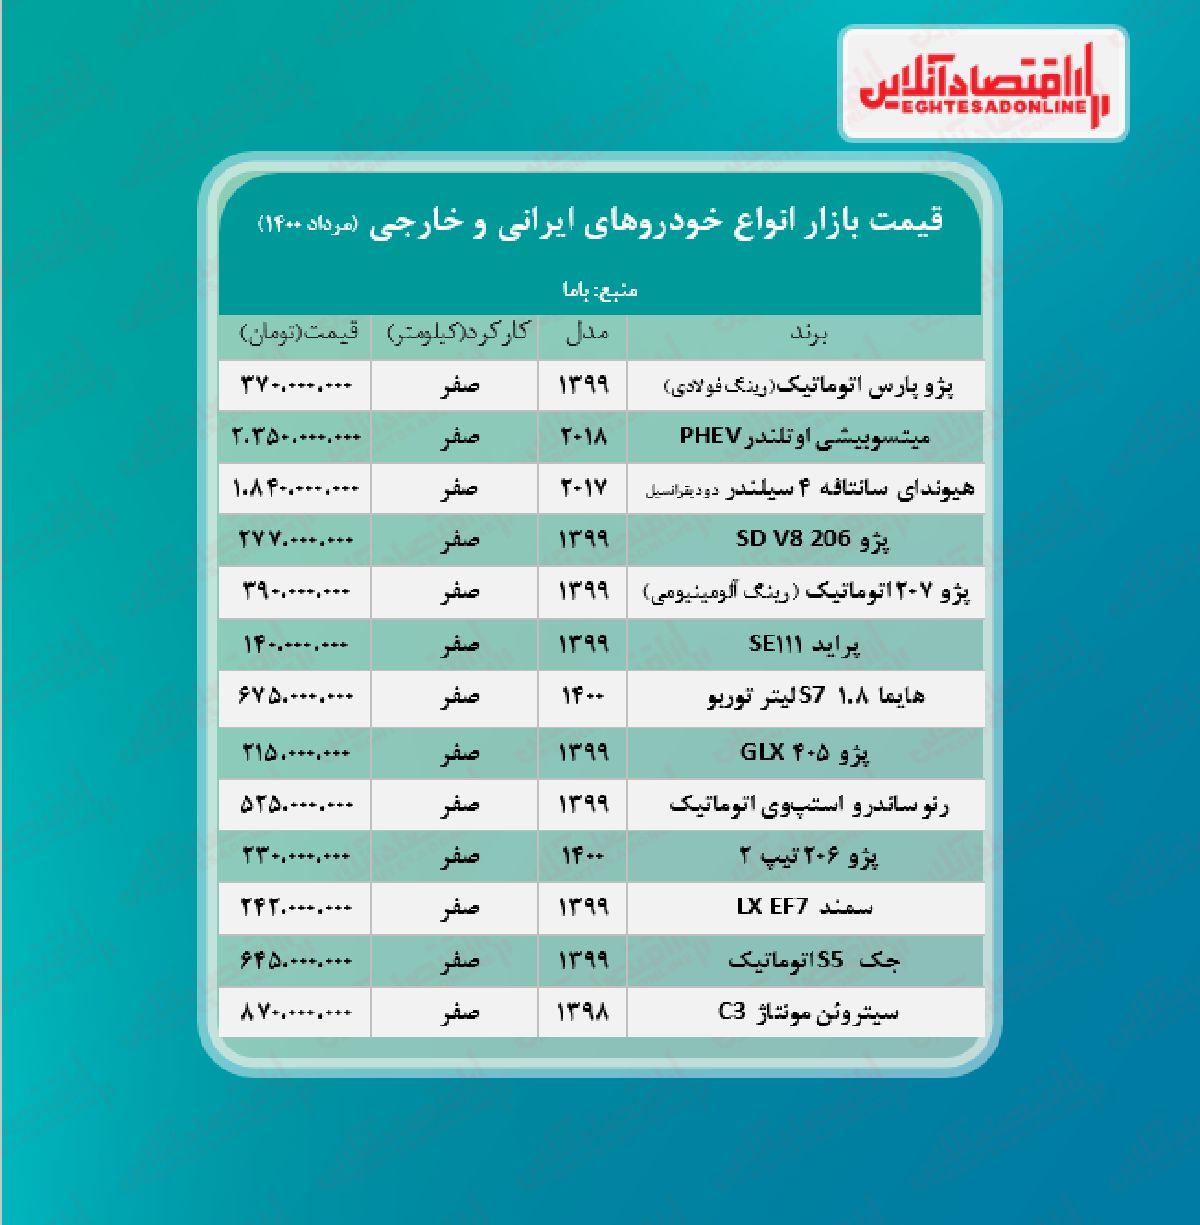 قیمت خودرو امروز ۱۴۰۰/۵/۱۰